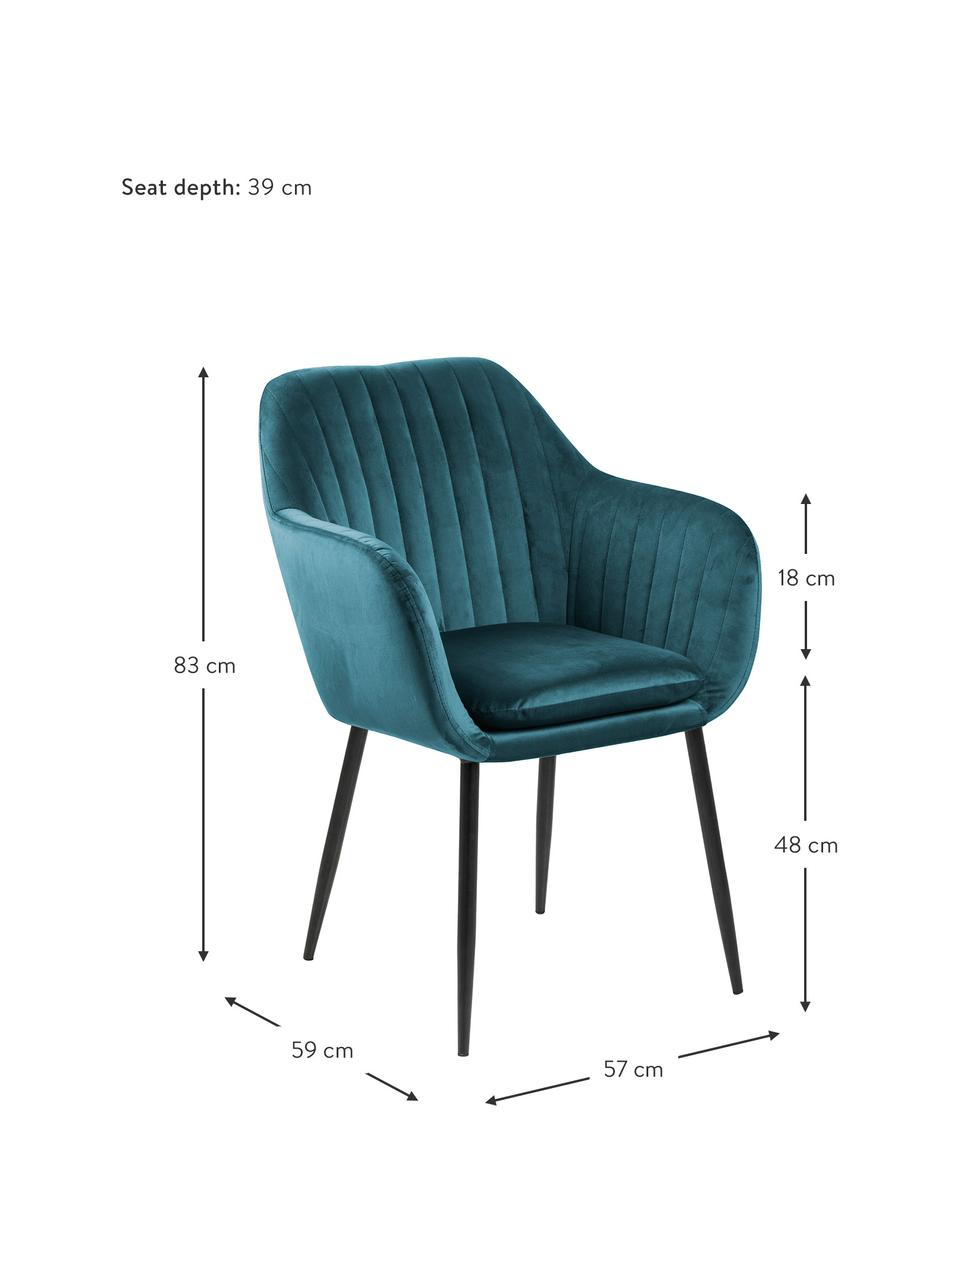 Krzesło z podłokietnikami z aksamitu i metalowymi nogami Emilia, Tapicerka: aksamit poliestrowy Dzięk, Nogi: metal lakierowany, Aksamitny niebieski, czarny, S 57 x G 59 cm